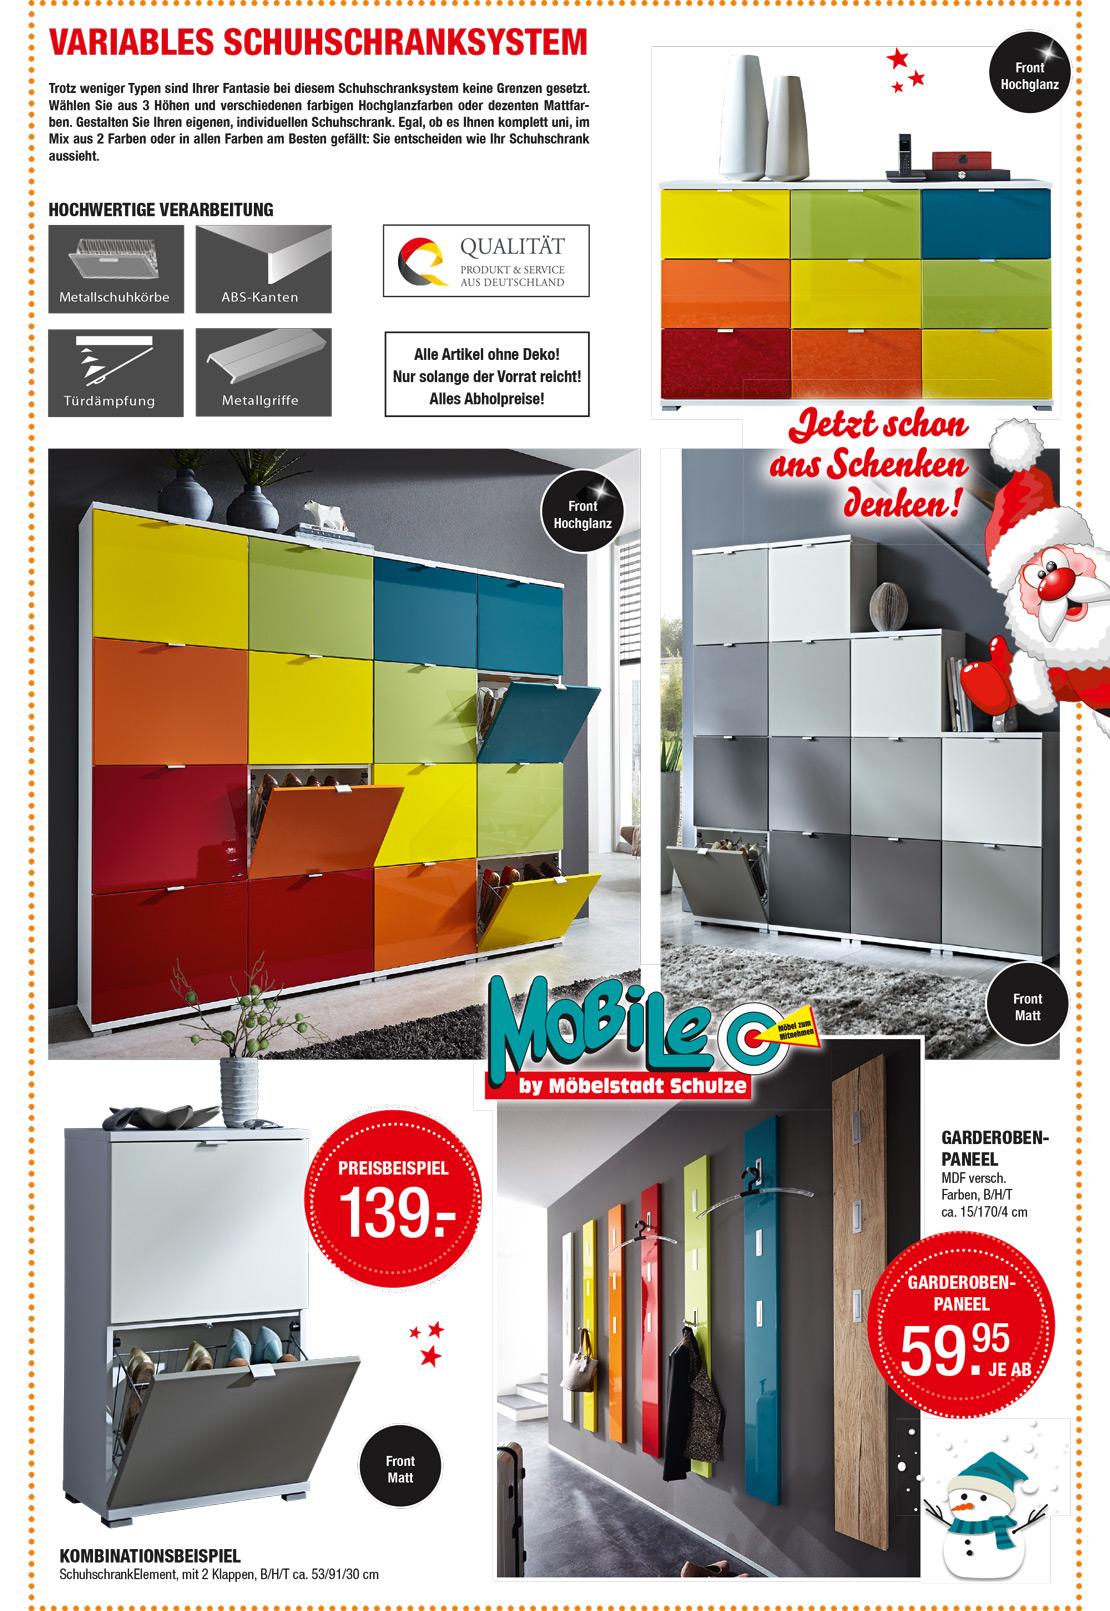 Garderoben- und Flurmöbel in bunter Farben-Vielfalt